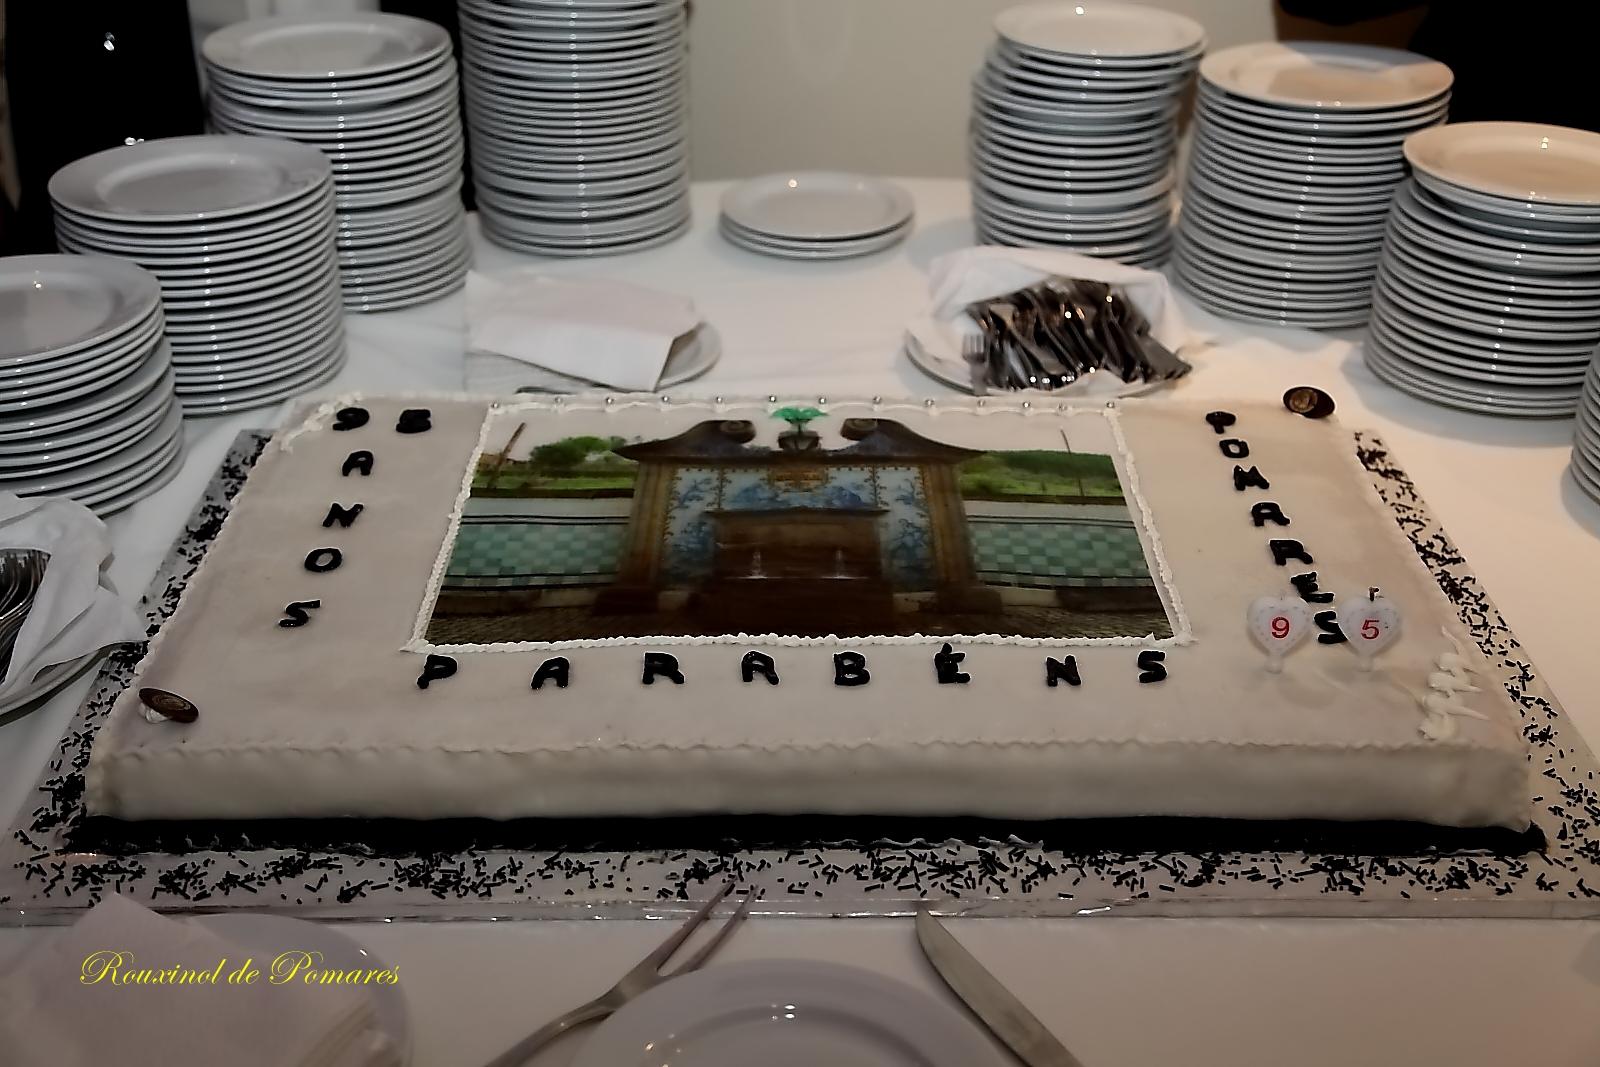 Almoço Comemoração 95 Anos Sociedade  (56)